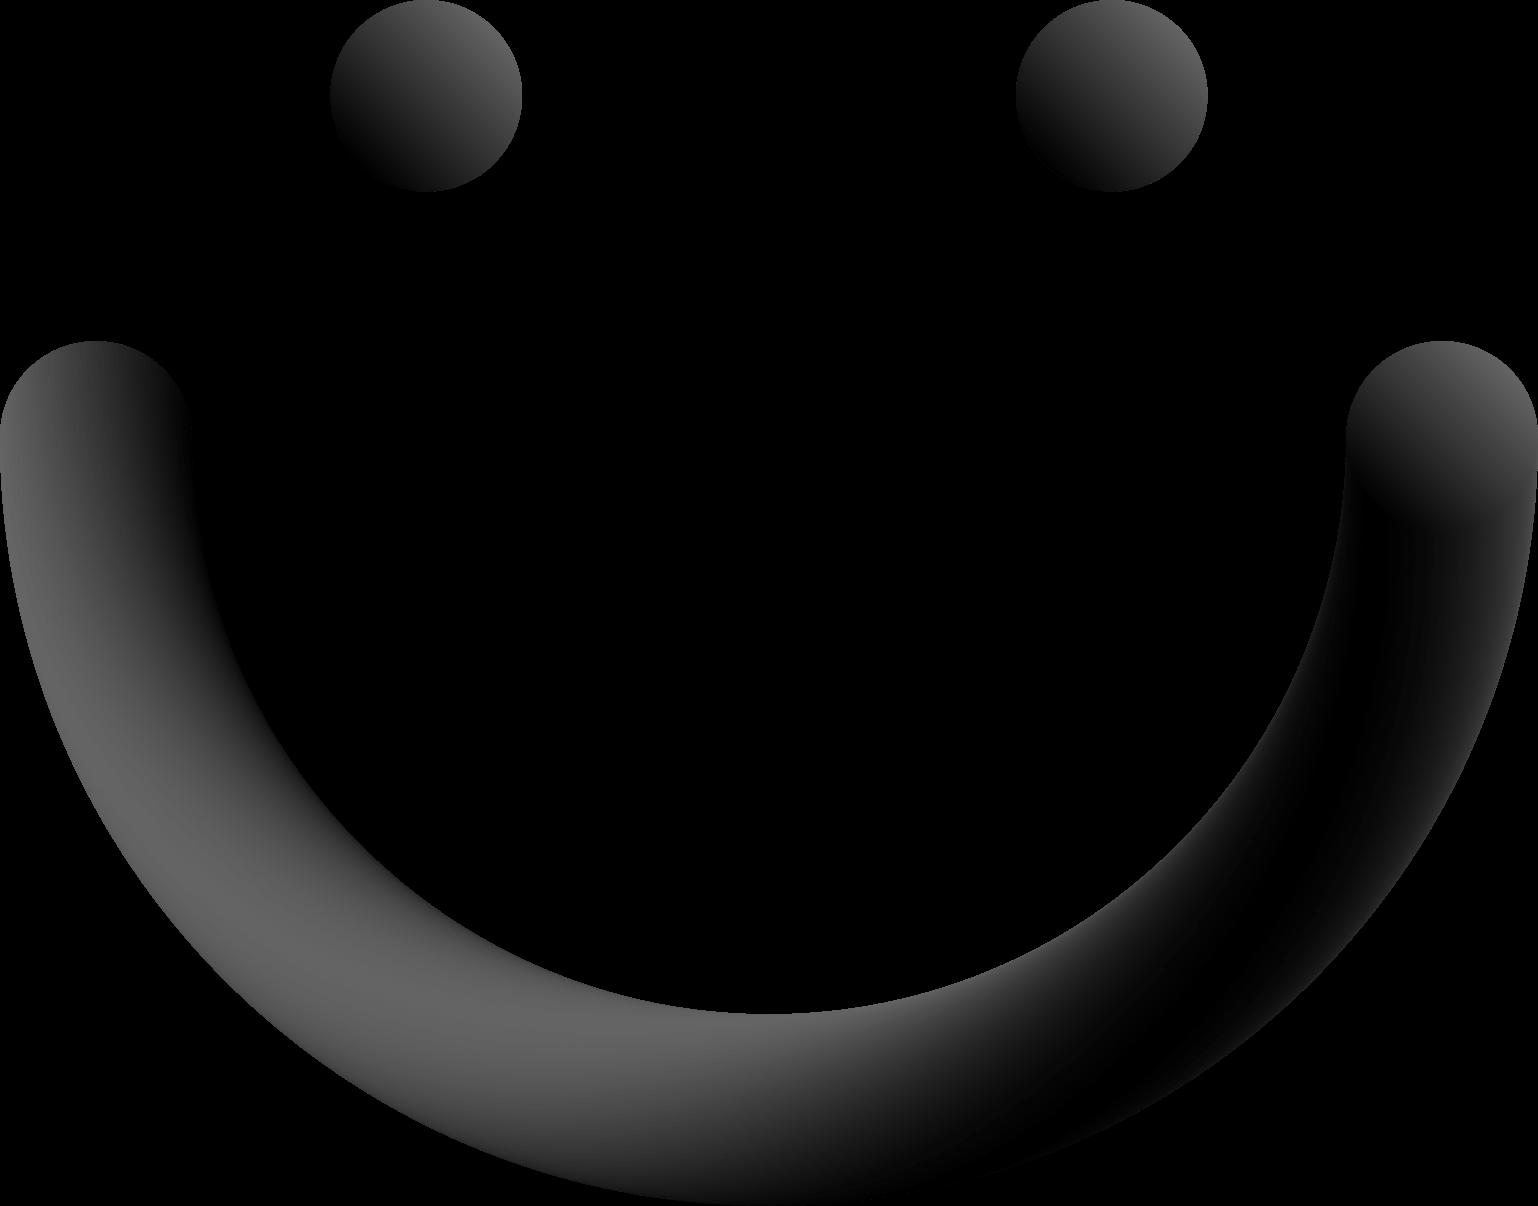 beginner_smile